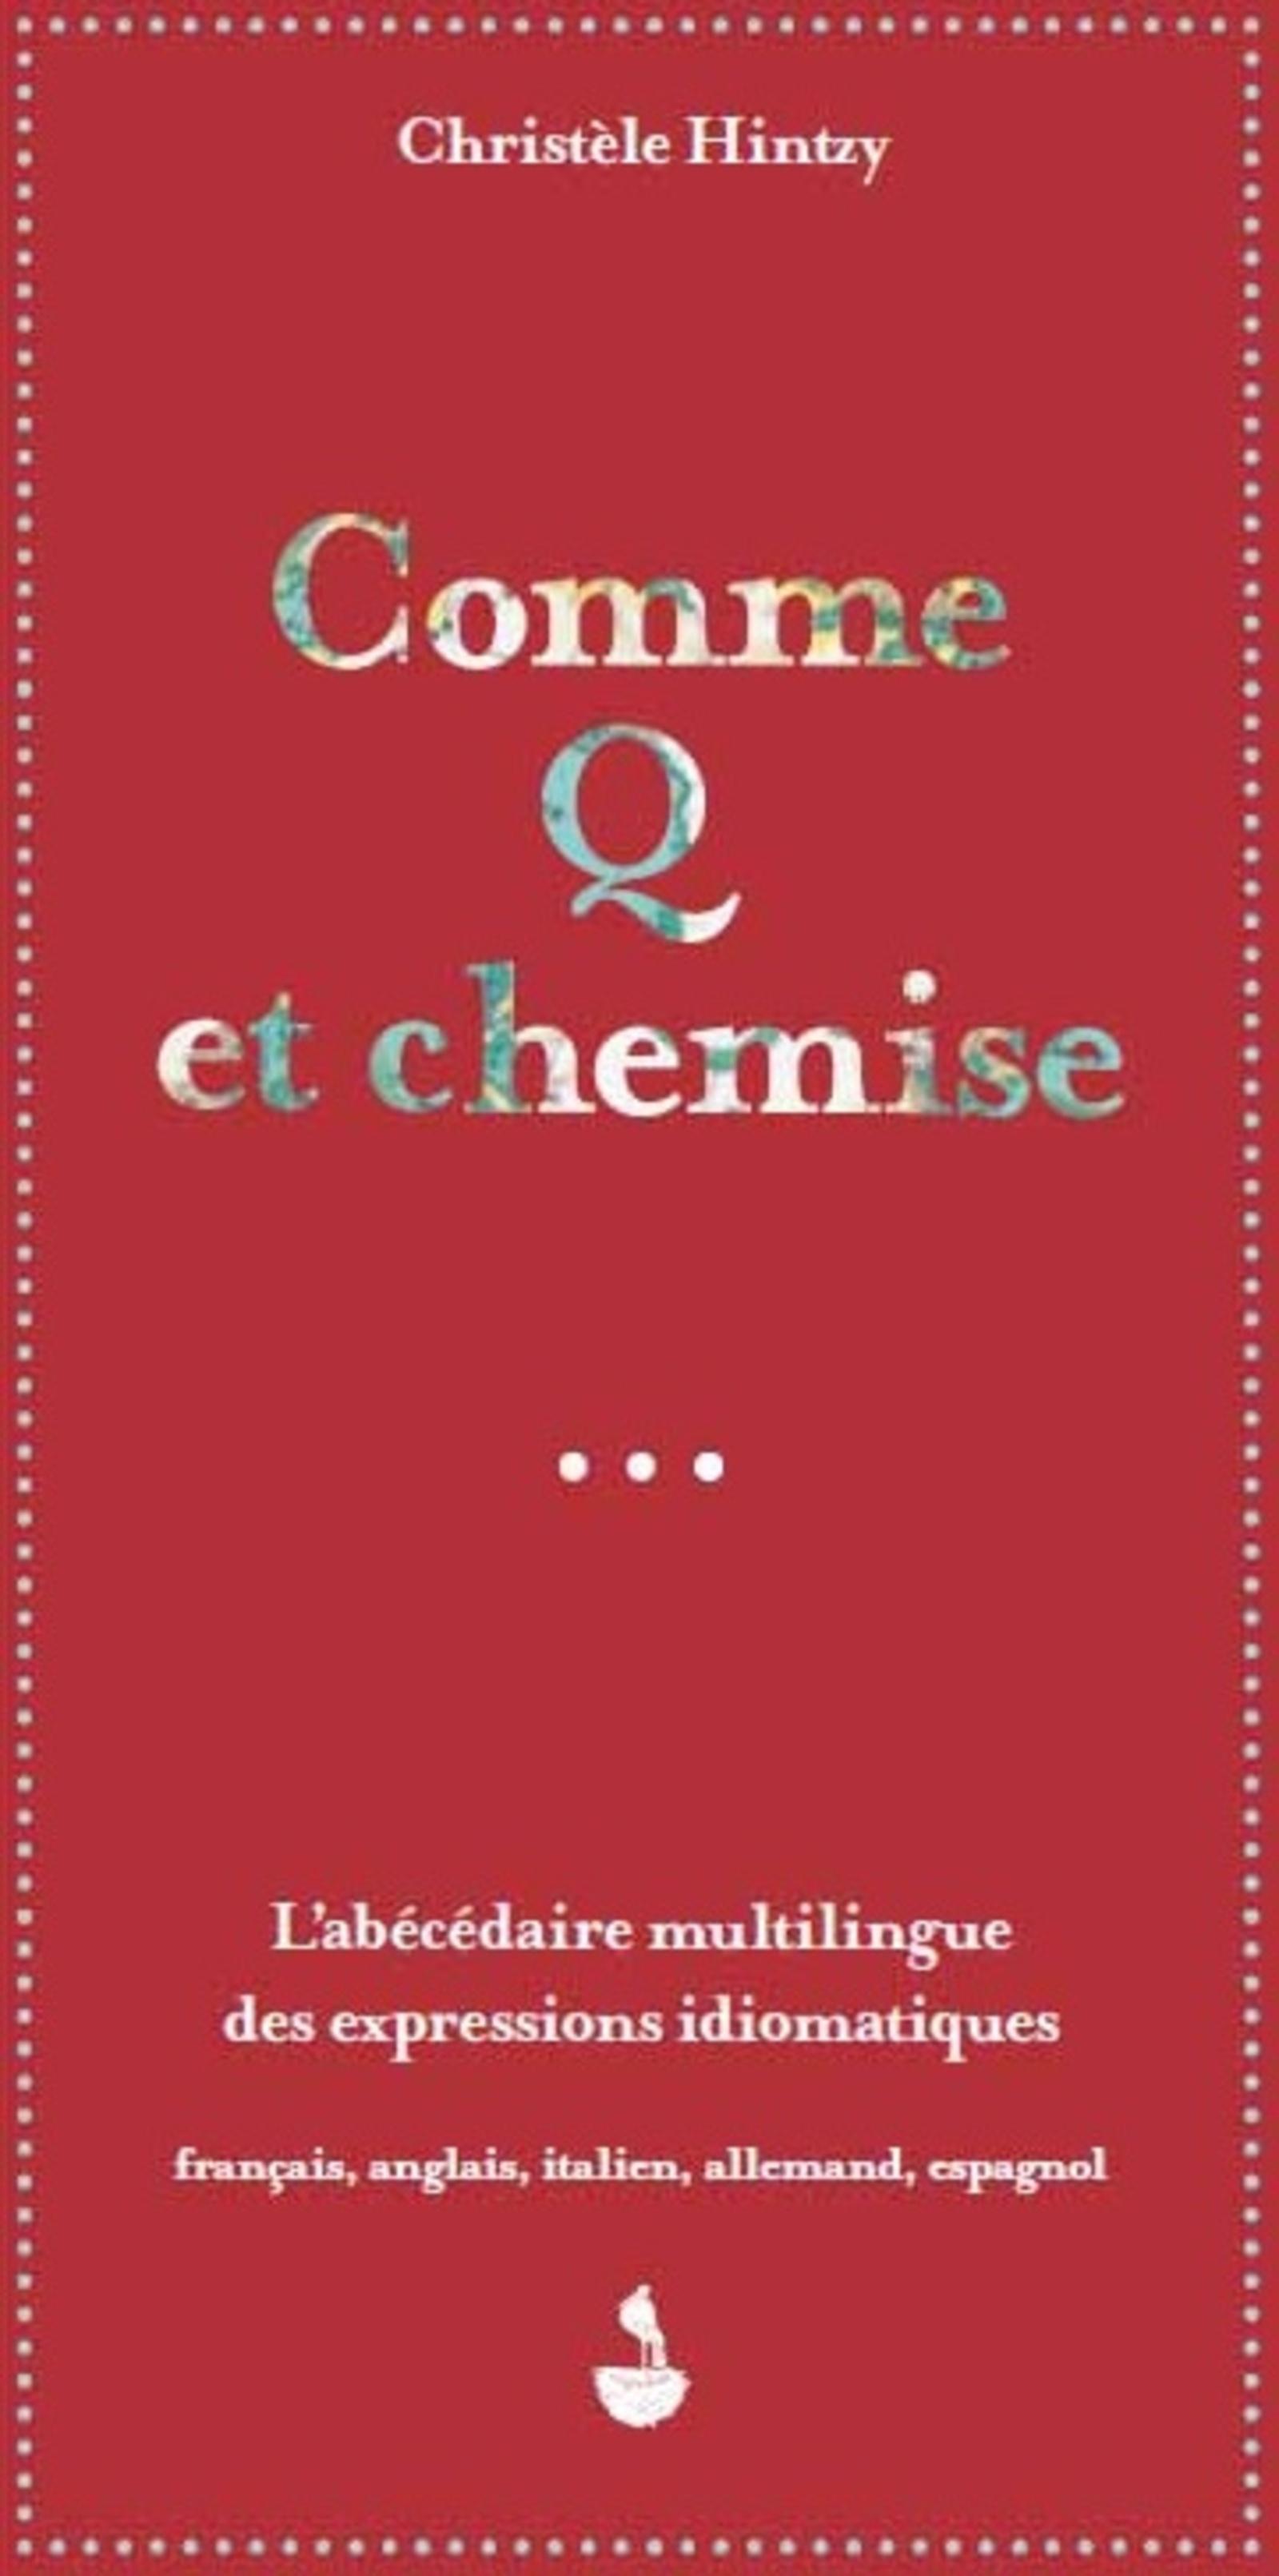 Comme Q Et Chemise L Abecedaire Multilingue Des Expressions Idiomatiques Francais Anglais Italien Allemand Espagnol Christele Hintzy Livre Ebook Epub